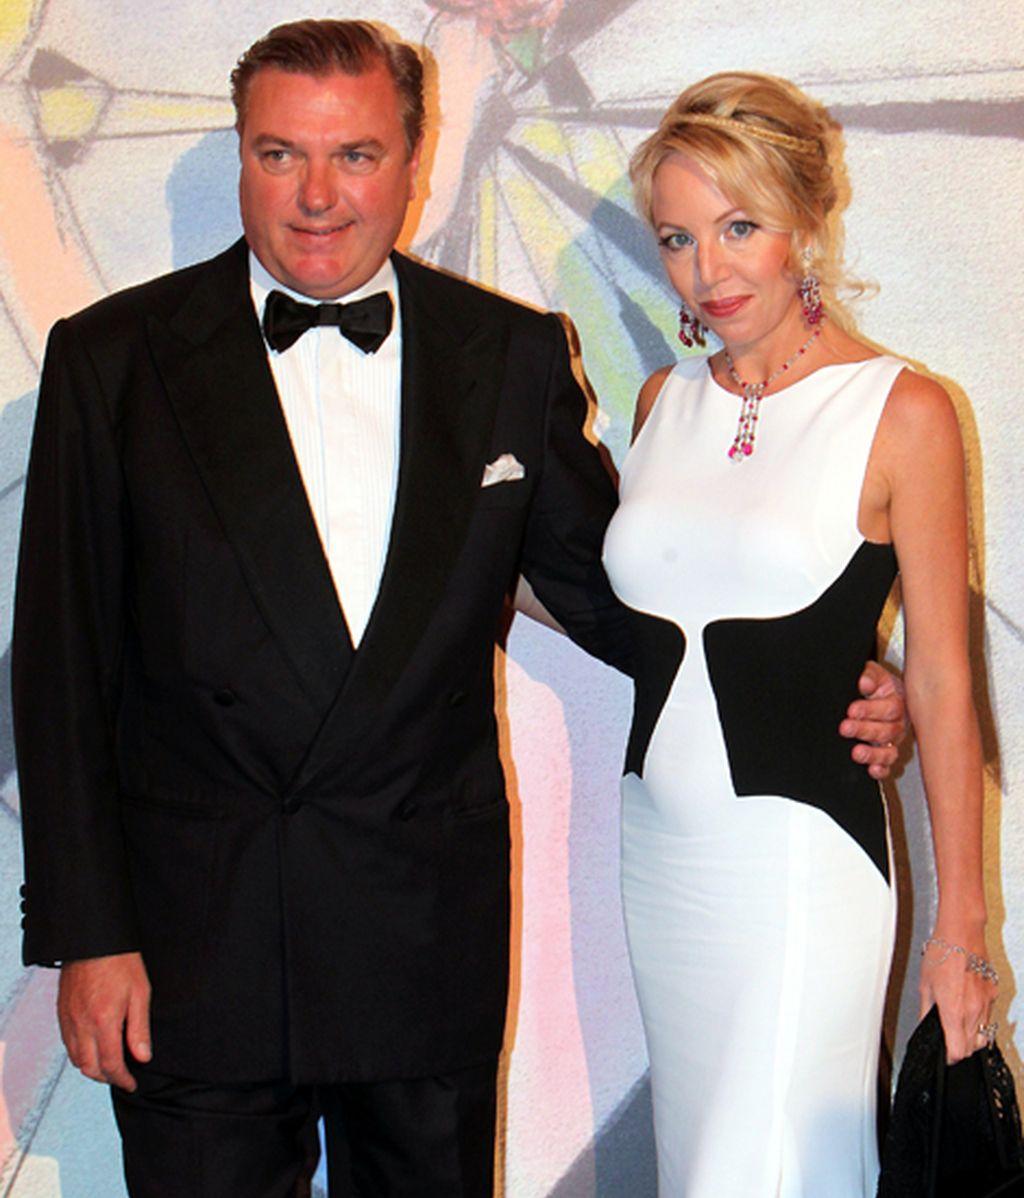 Carlos y Camilla de Borbón Dos Sicilias